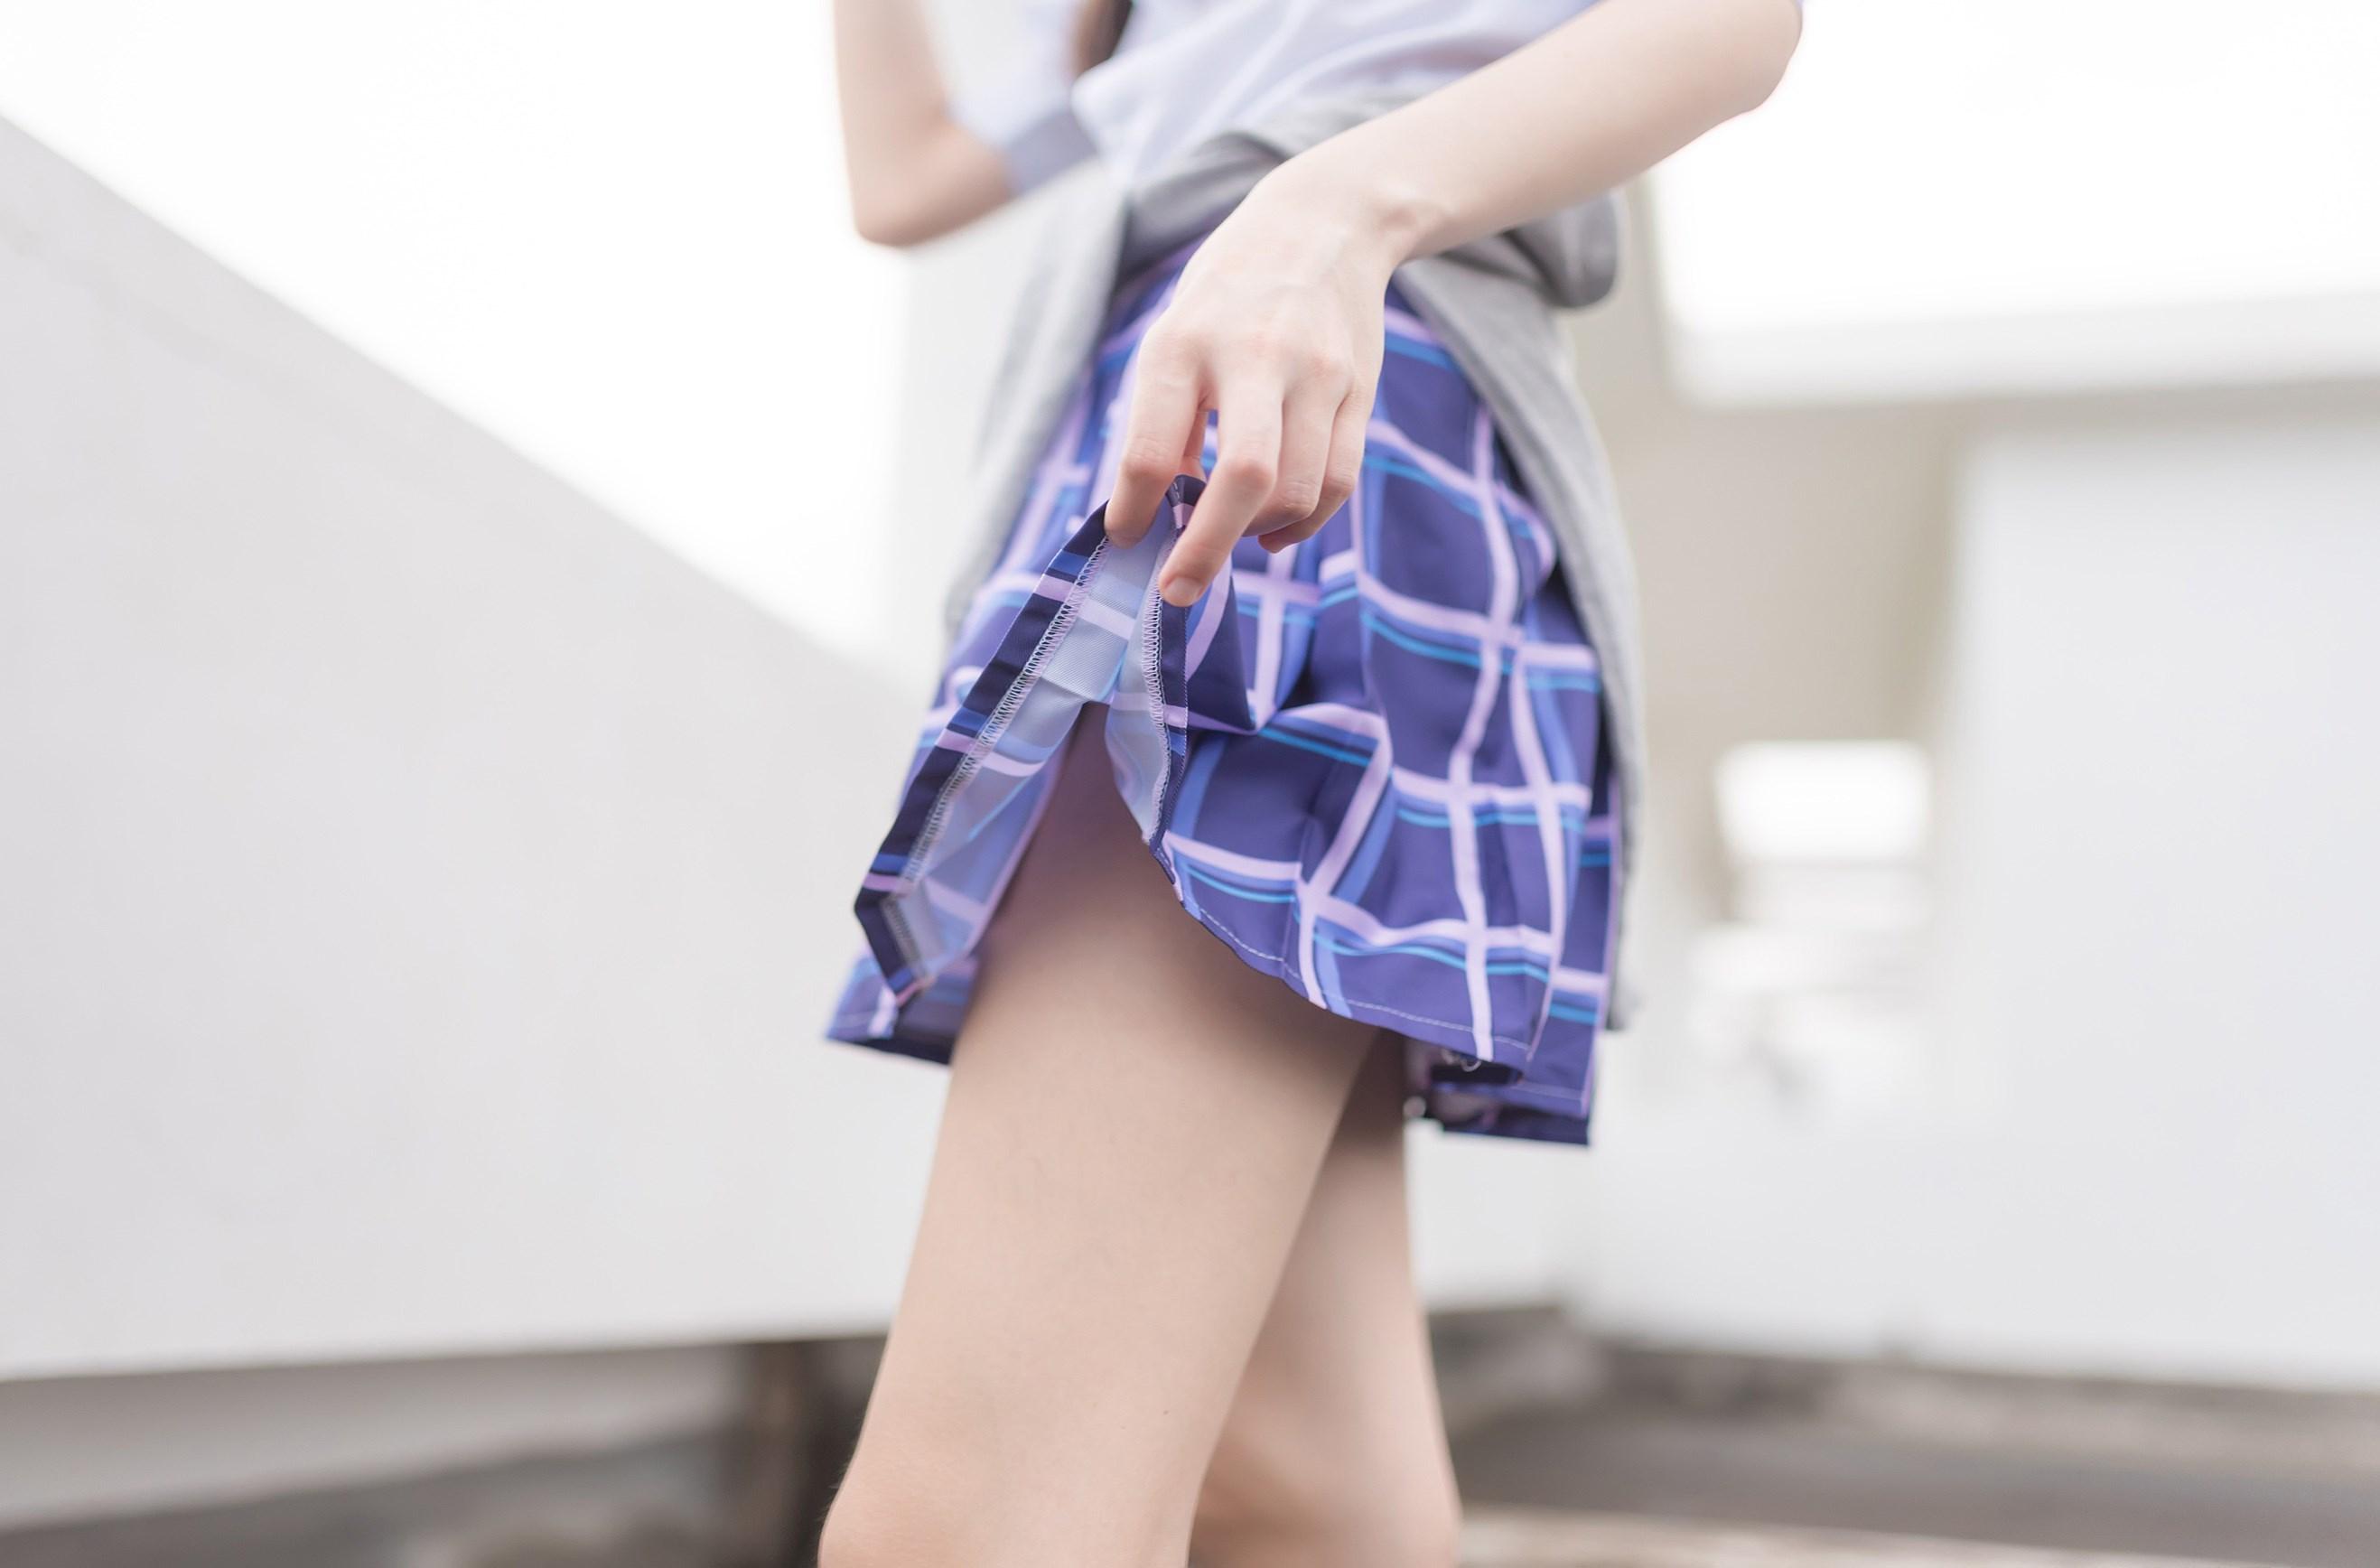 【兔玩映画】天台的蓝裙少女 兔玩映画 第28张